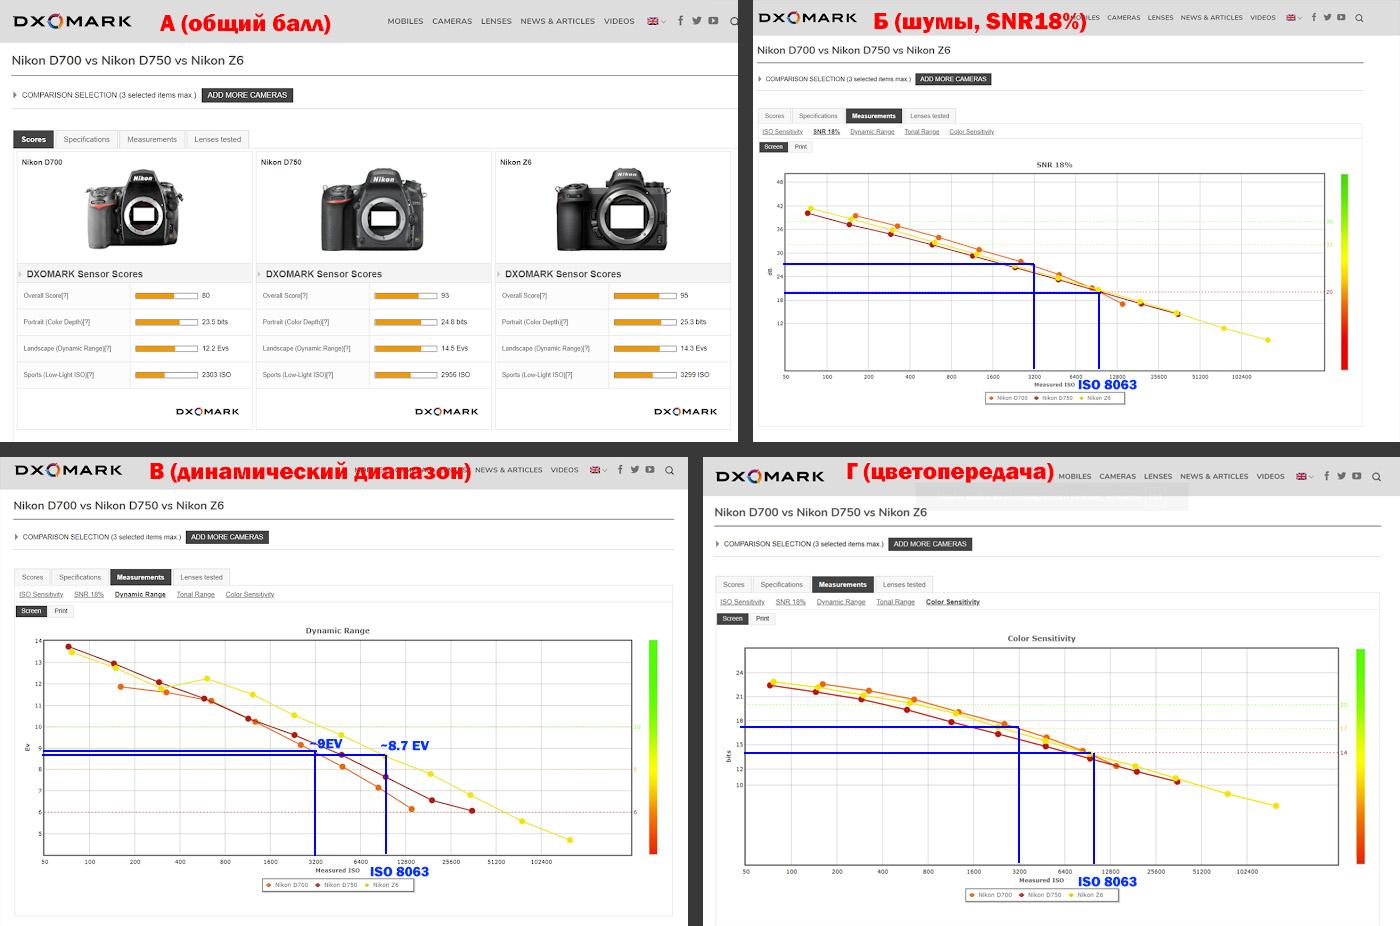 Рисунок 13. Графики сравнения динамического диапазона, цветопередачи и рабочего ISO для фотоаппаратов Nikon D780, D750, Z6, и D700.